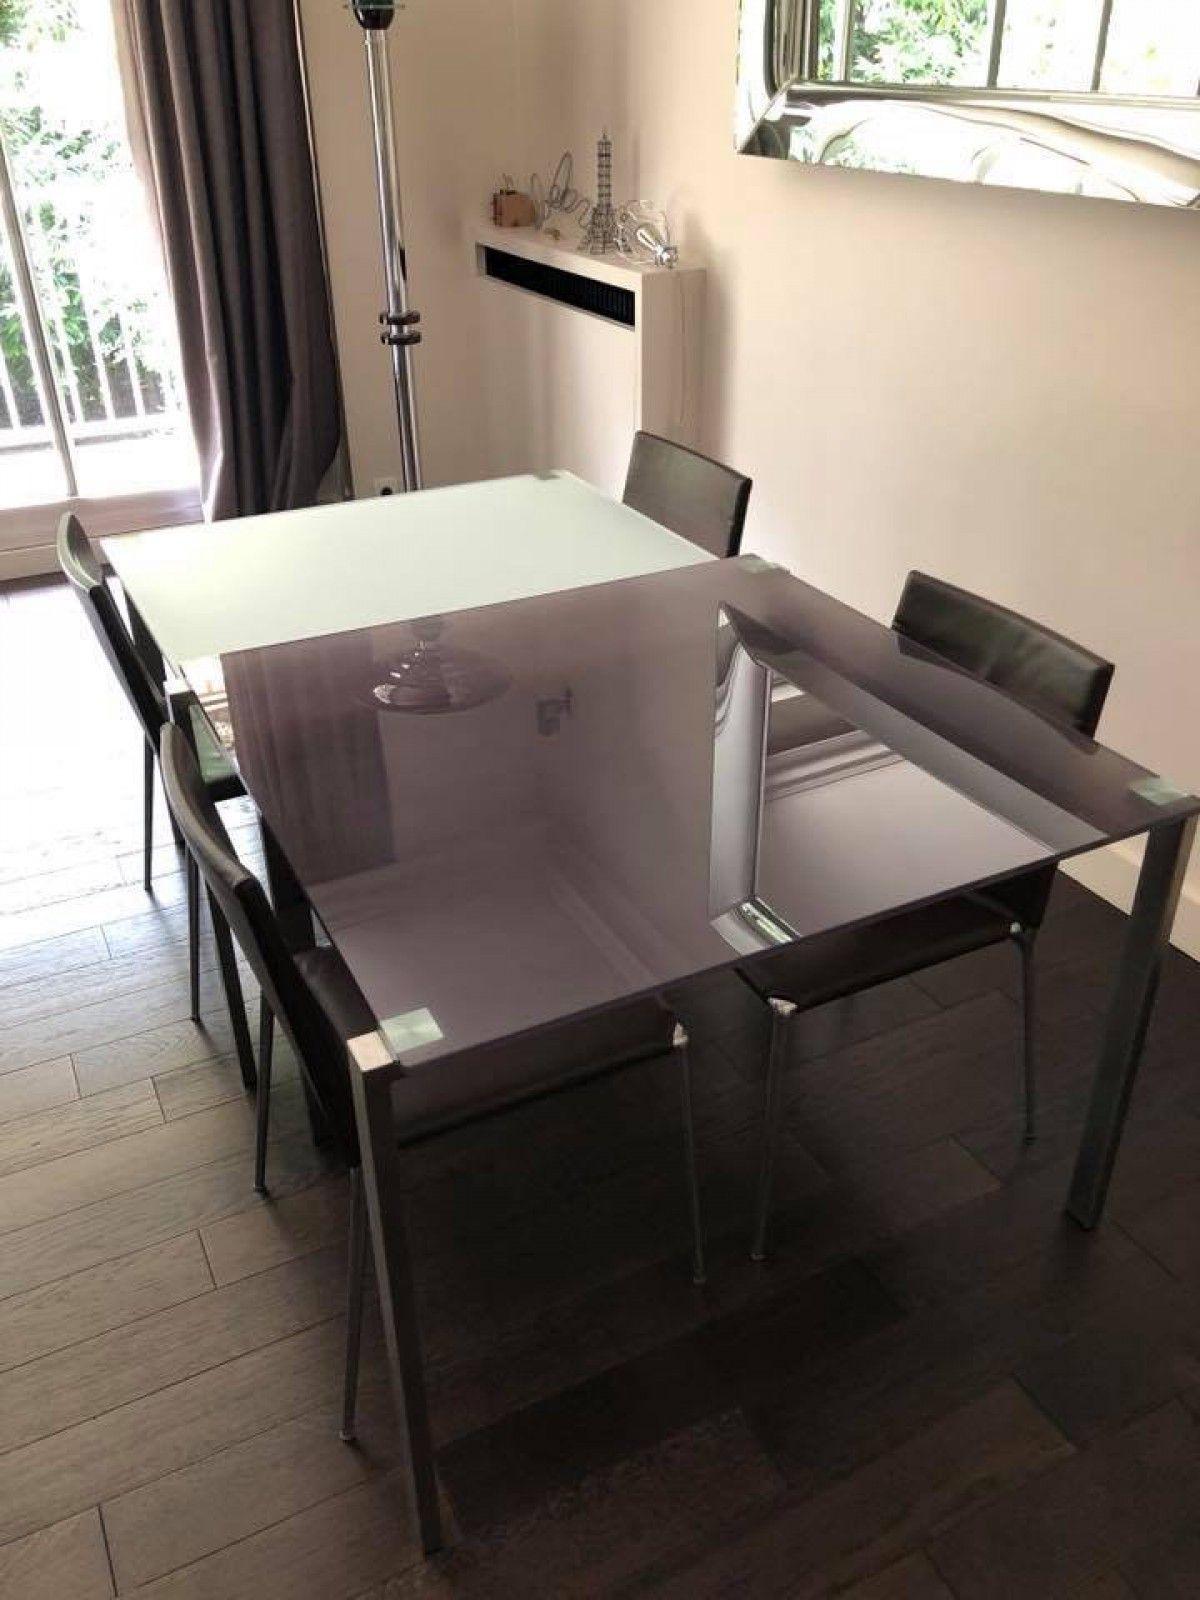 Bonjour Je Vends Une Table Jean Nouvel 1 2 Avec 2 Plateaux 1 Blanc Opaque L Autre Gris Fume Chaque Plateau Fait 1 X Maison Art Deco Mobilier Design Mobilier